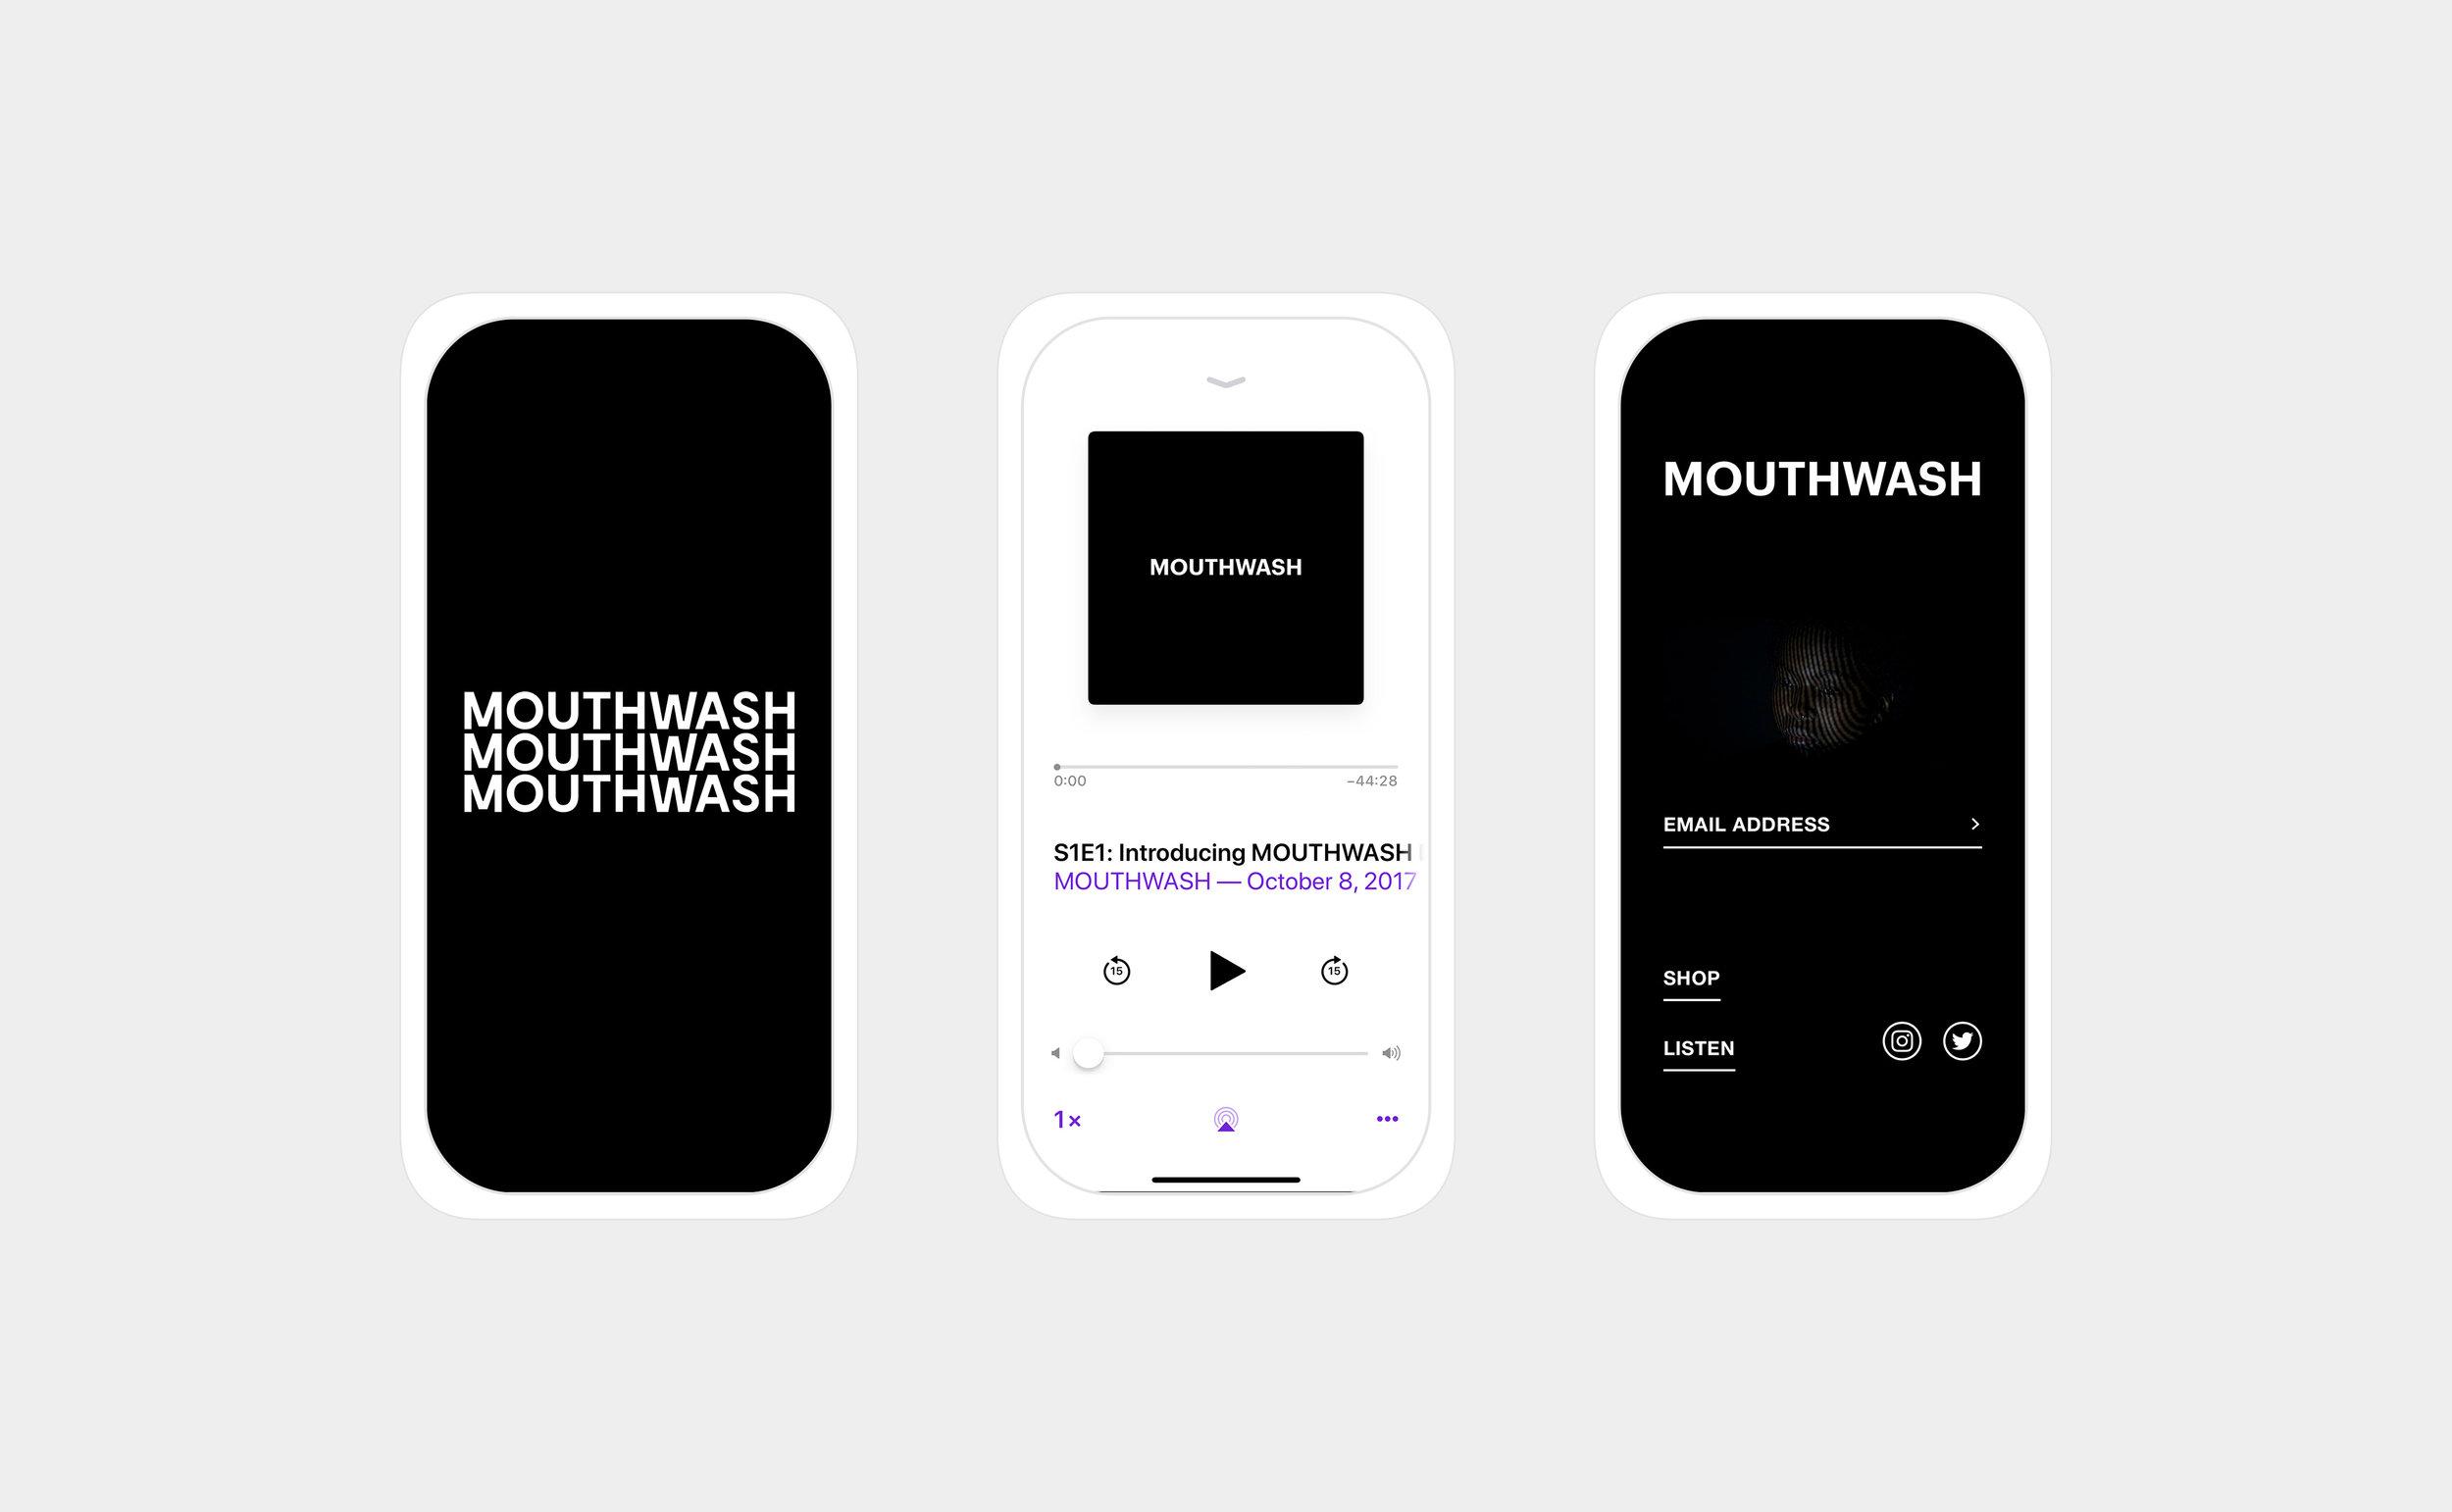 MOUTHWASH iPhone Mockup.jpg